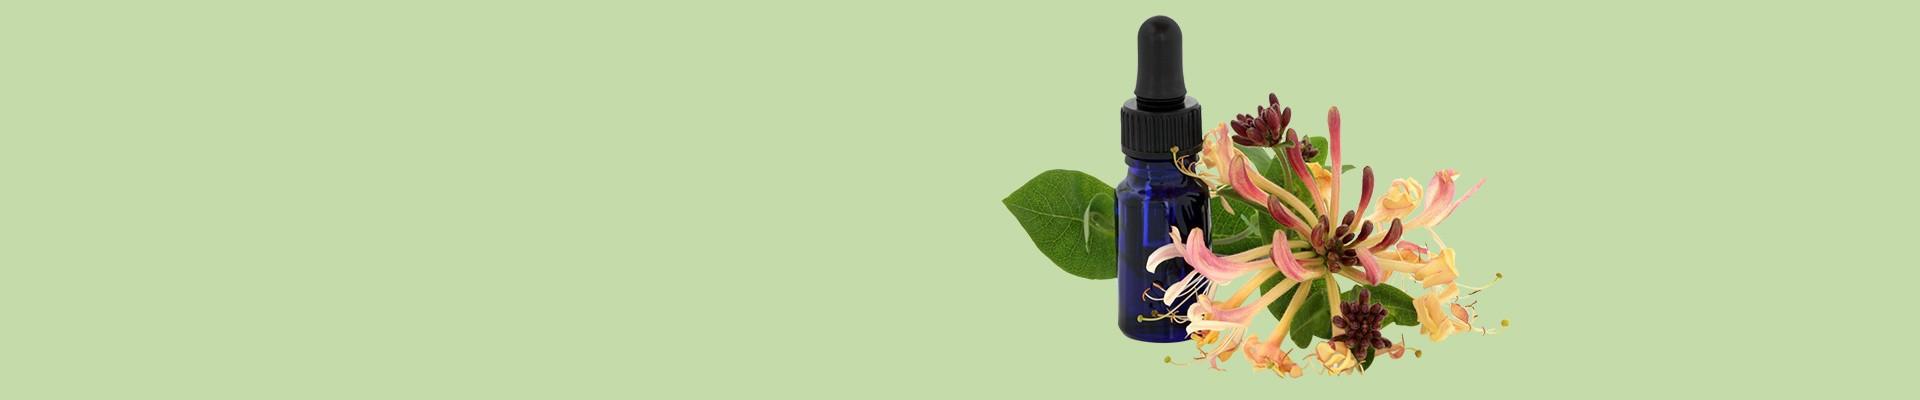 Jual Essential Oil - Aroma Lengkap, Harga Terbaik